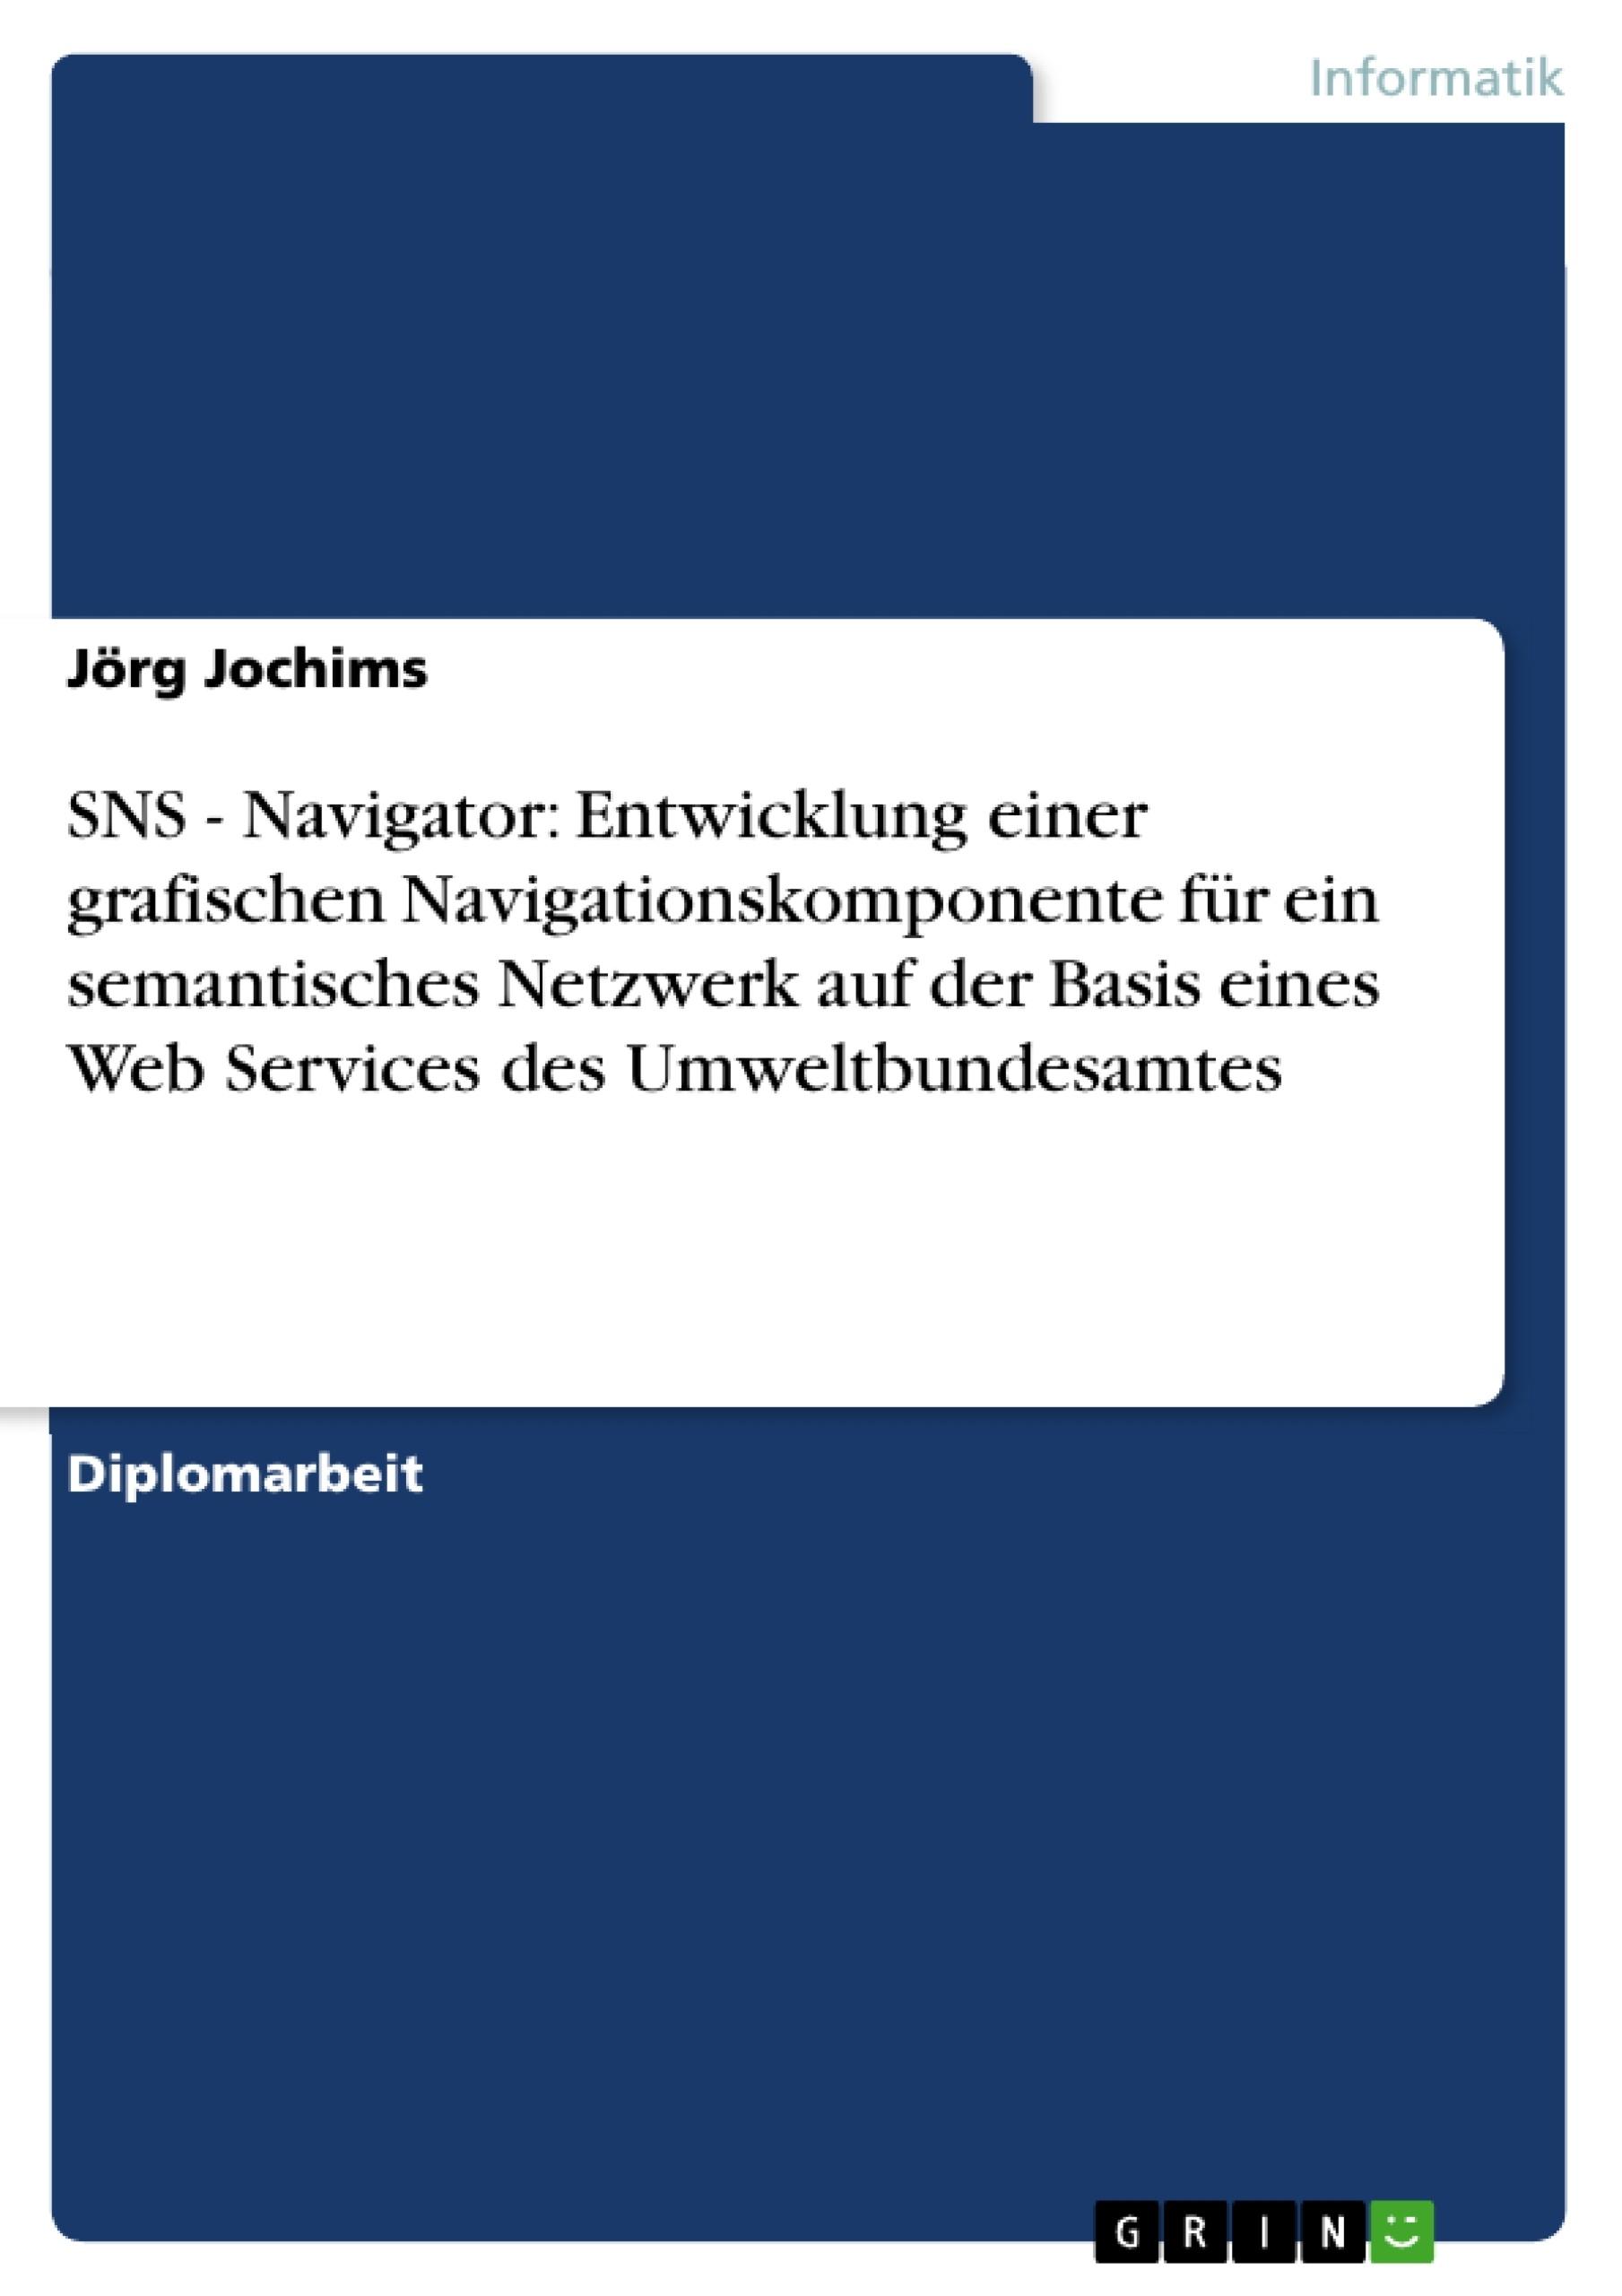 Titel: SNS - Navigator: Entwicklung einer grafischen Navigationskomponente für ein semantisches Netzwerk auf der Basis eines Web Services des Umweltbundesamtes